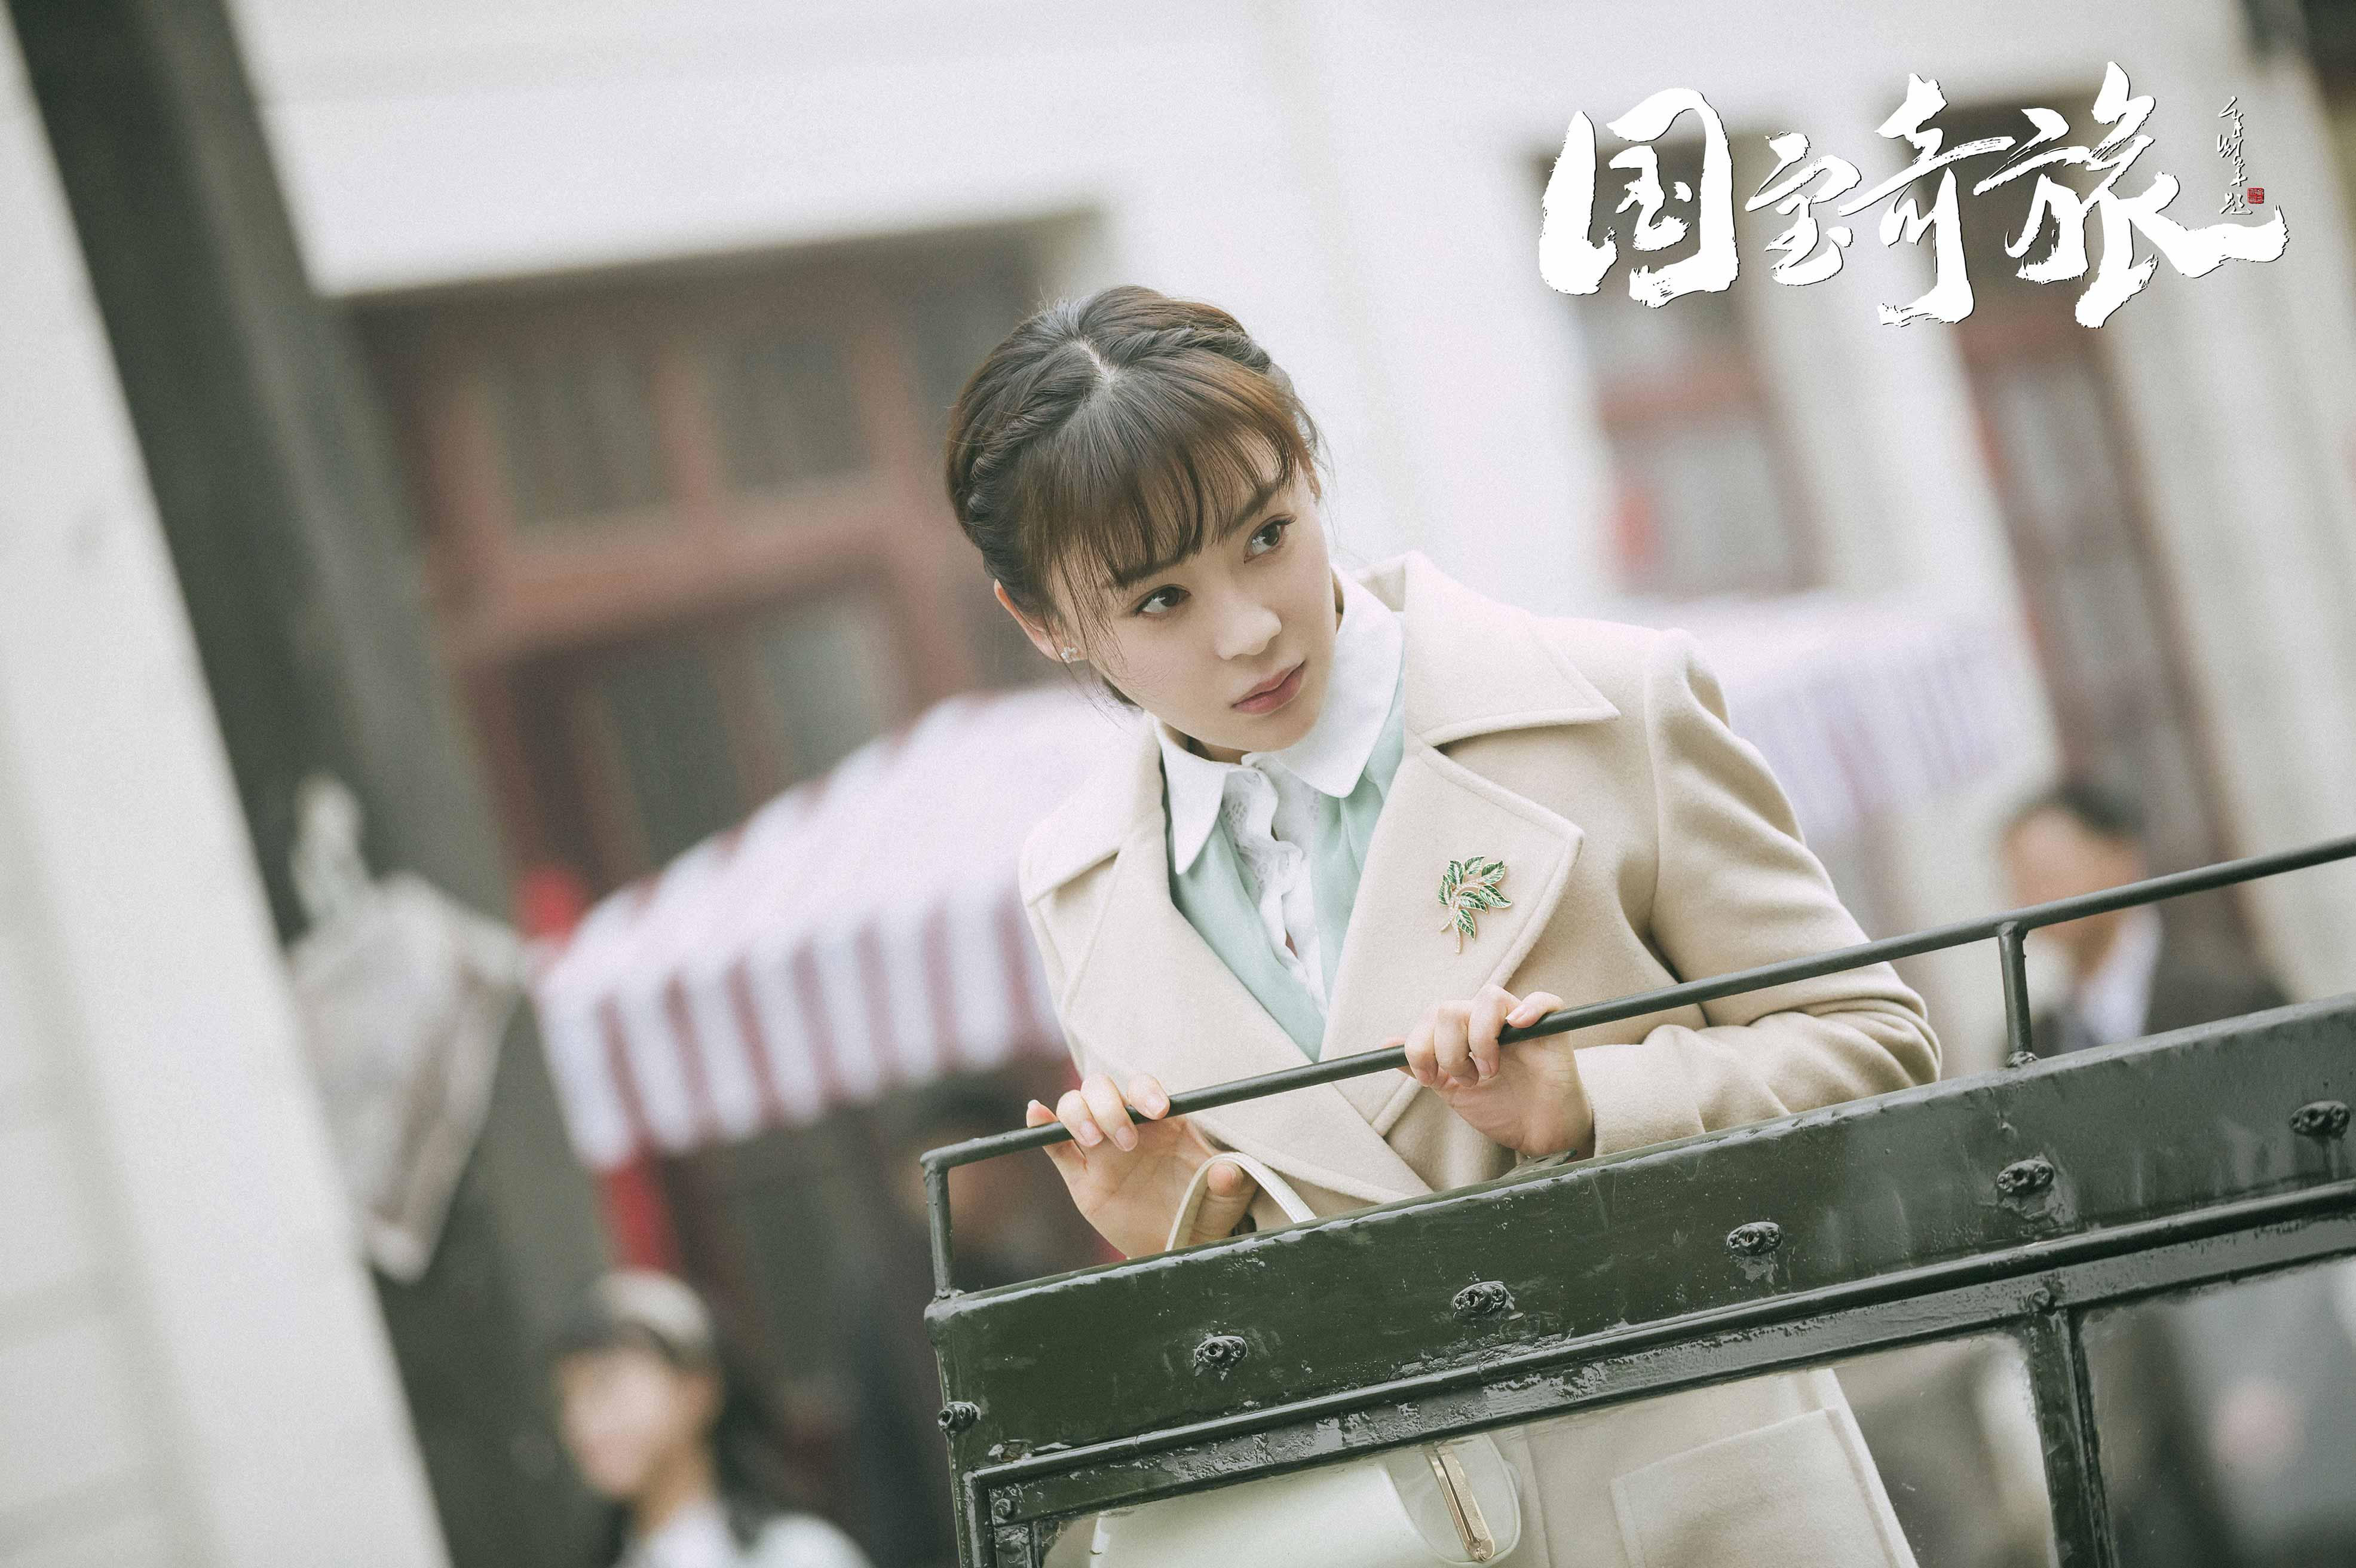 《国宝奇旅》剧情波折 刘烨袁姗姗智斗丹青会